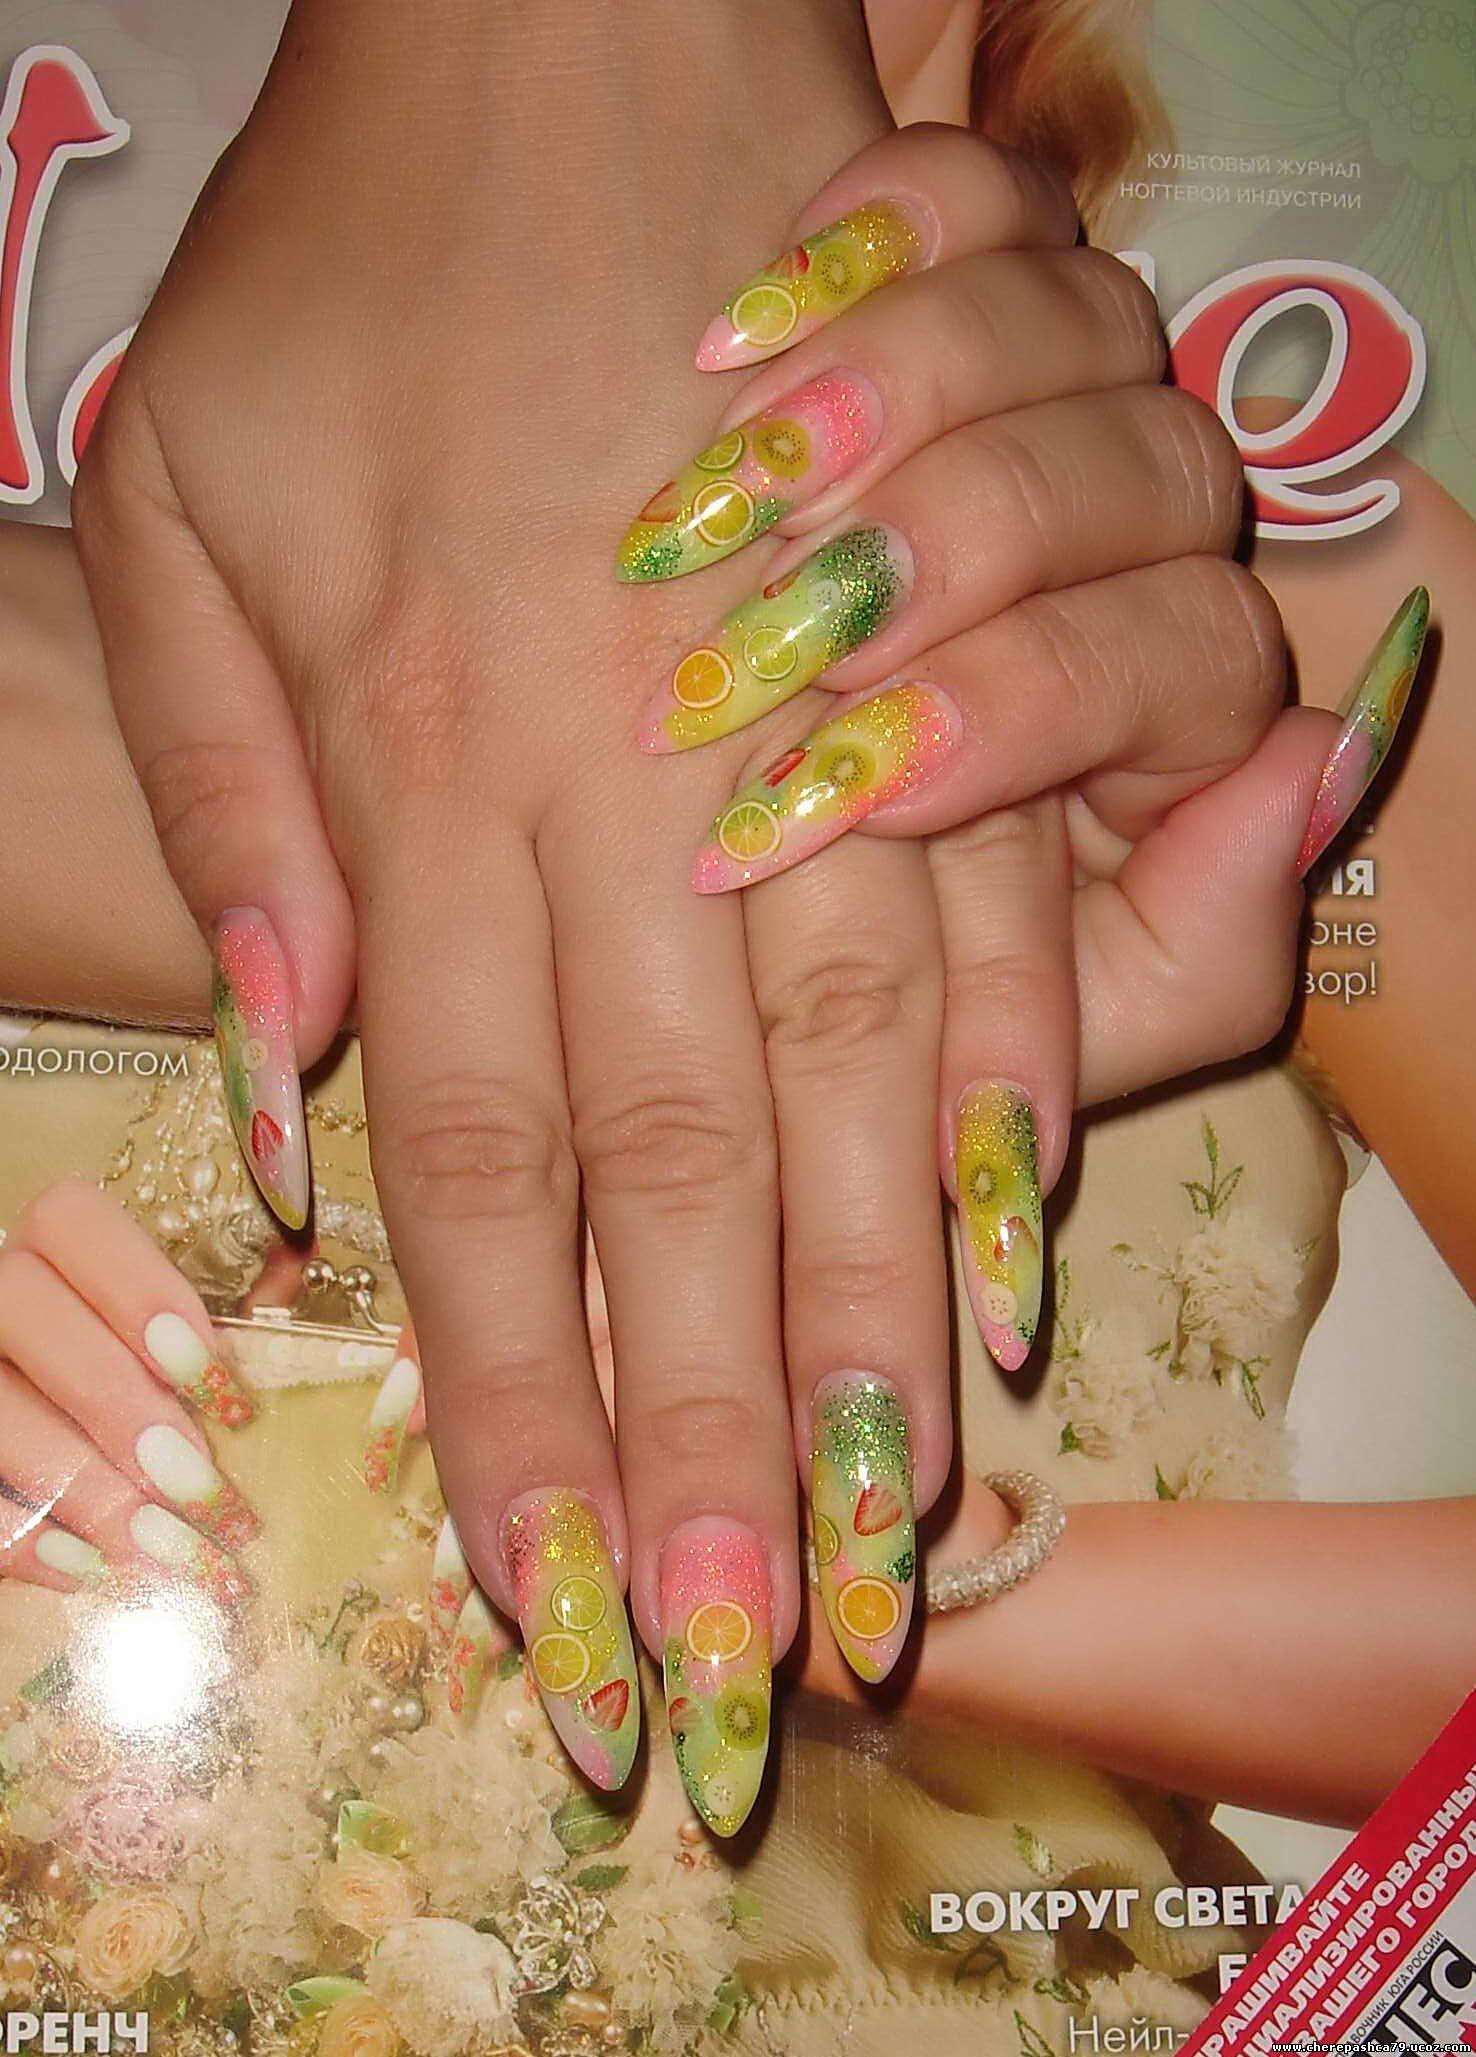 Дизайн ногтей 2008 года фото